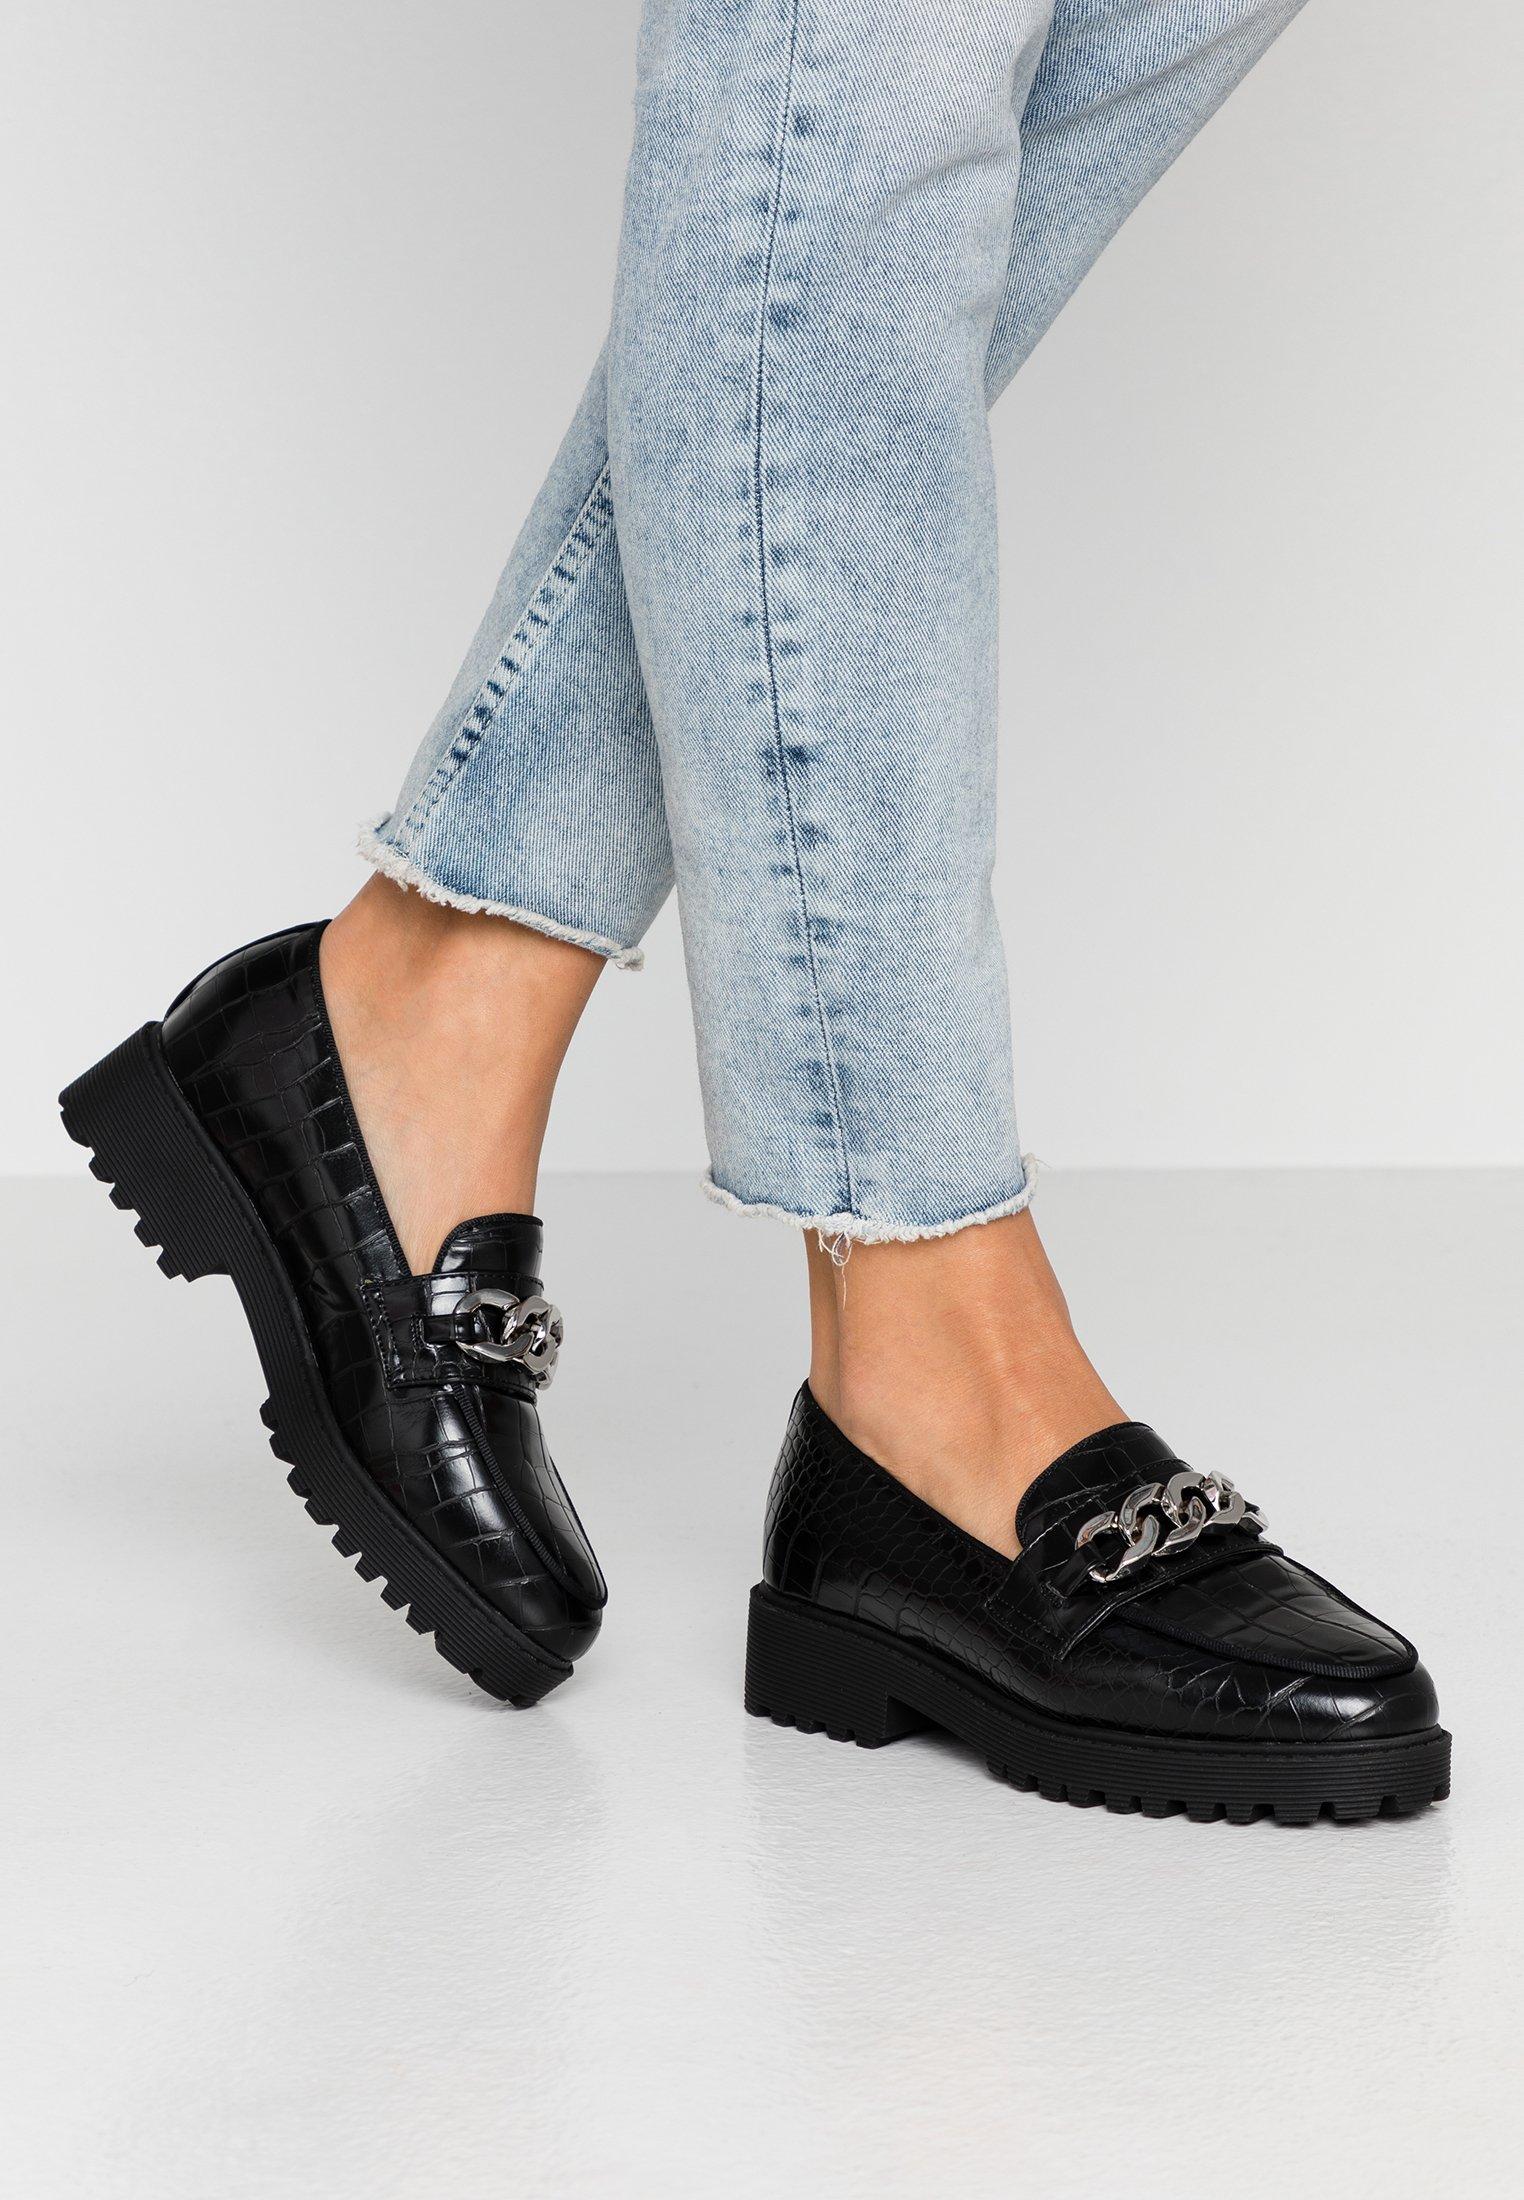 New Look KARISMATIC - Mocassins black